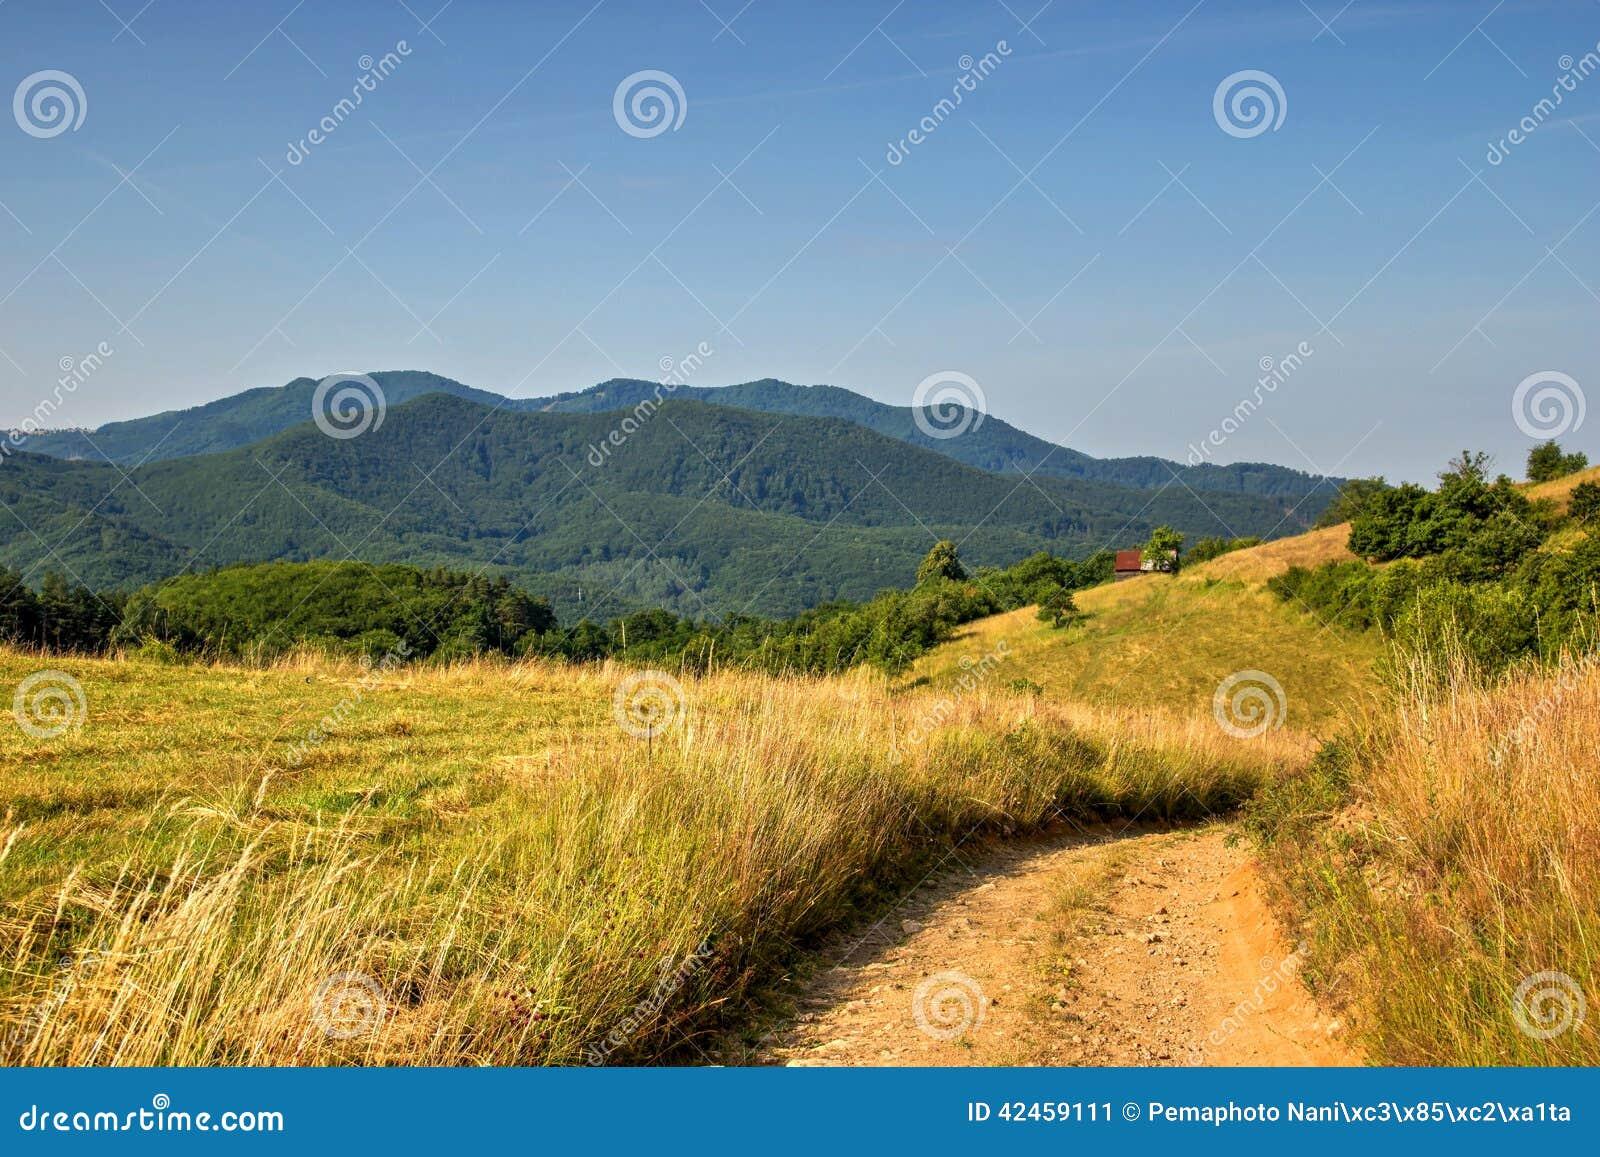 Schmutzige Straße auf Hügeln